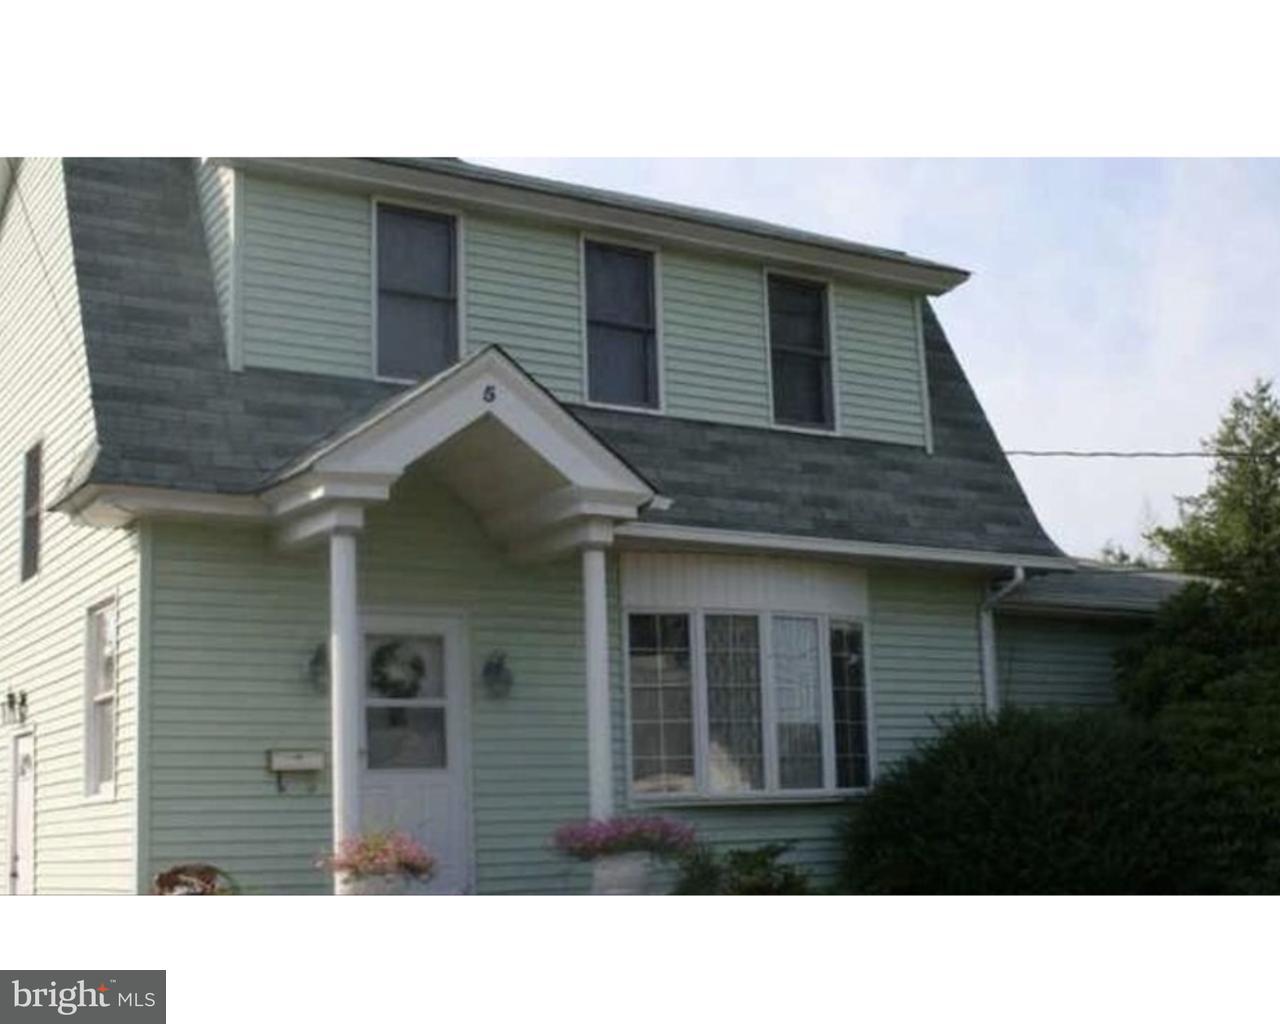 Casa Unifamiliar por un Alquiler en 5 SILVER Avenue Glassboro, Nueva Jersey 08028 Estados Unidos